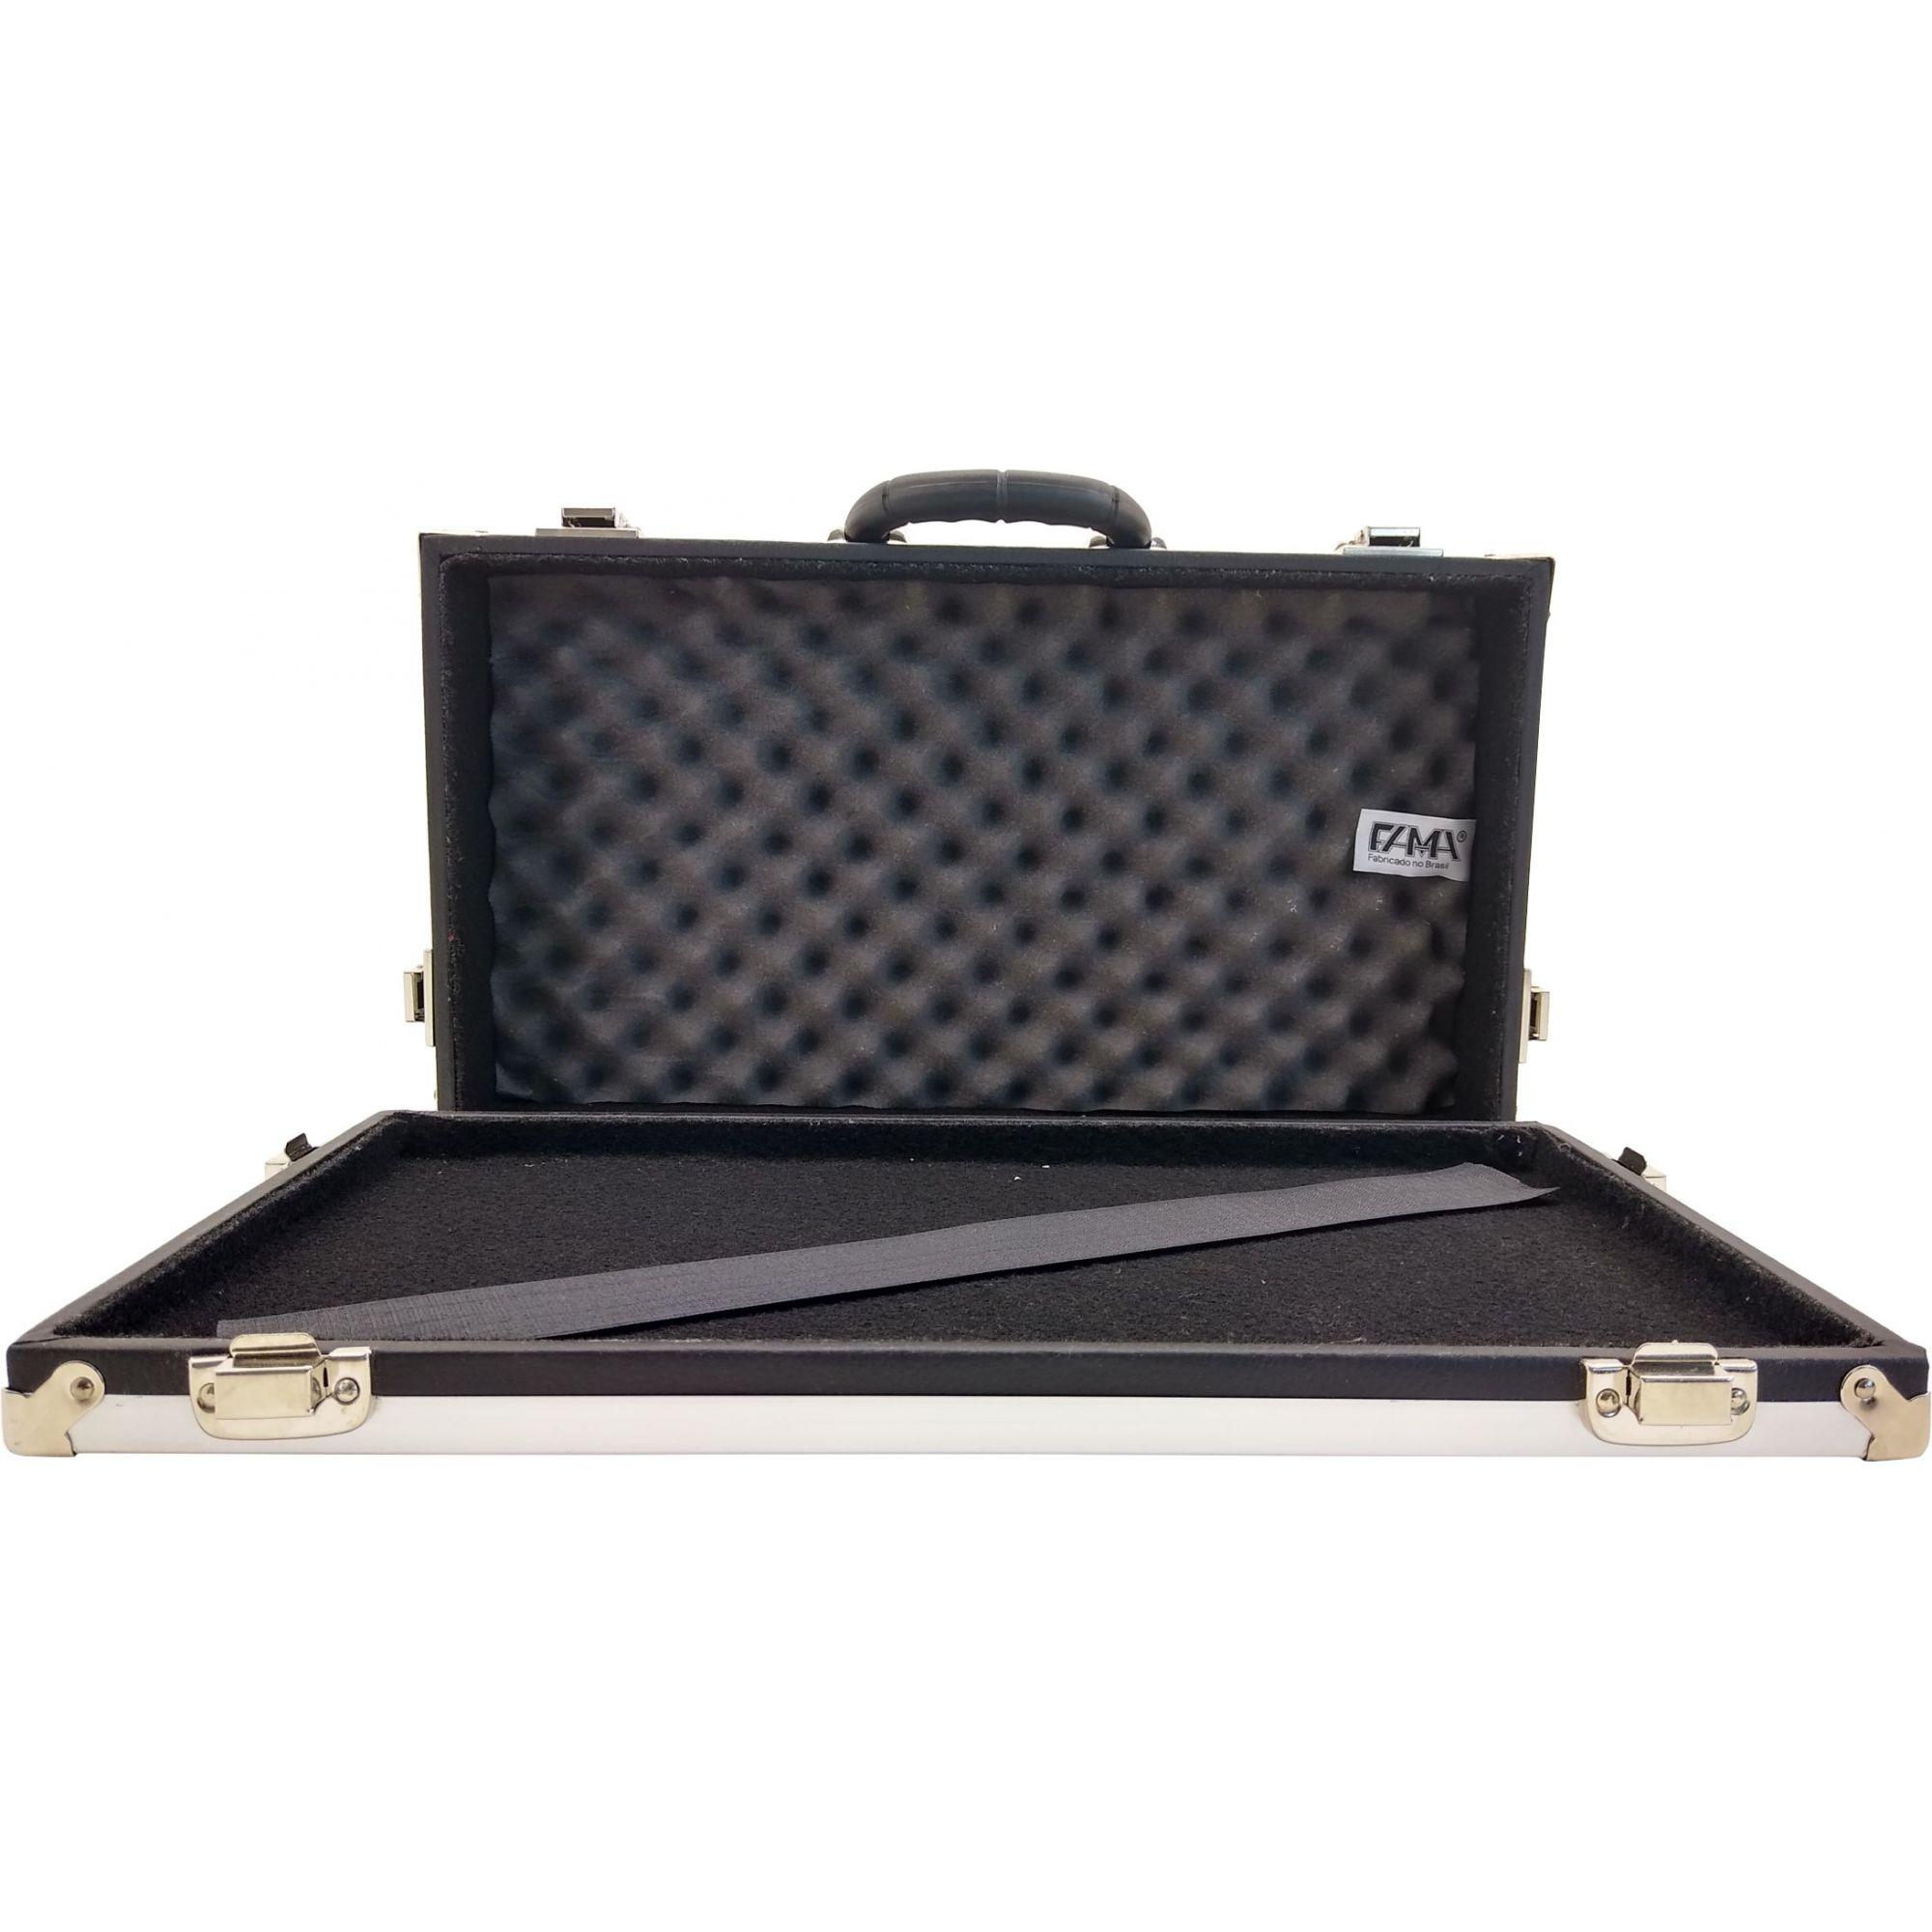 Case Para Pedaleira Zoom G9.2 Tt Super Luxo